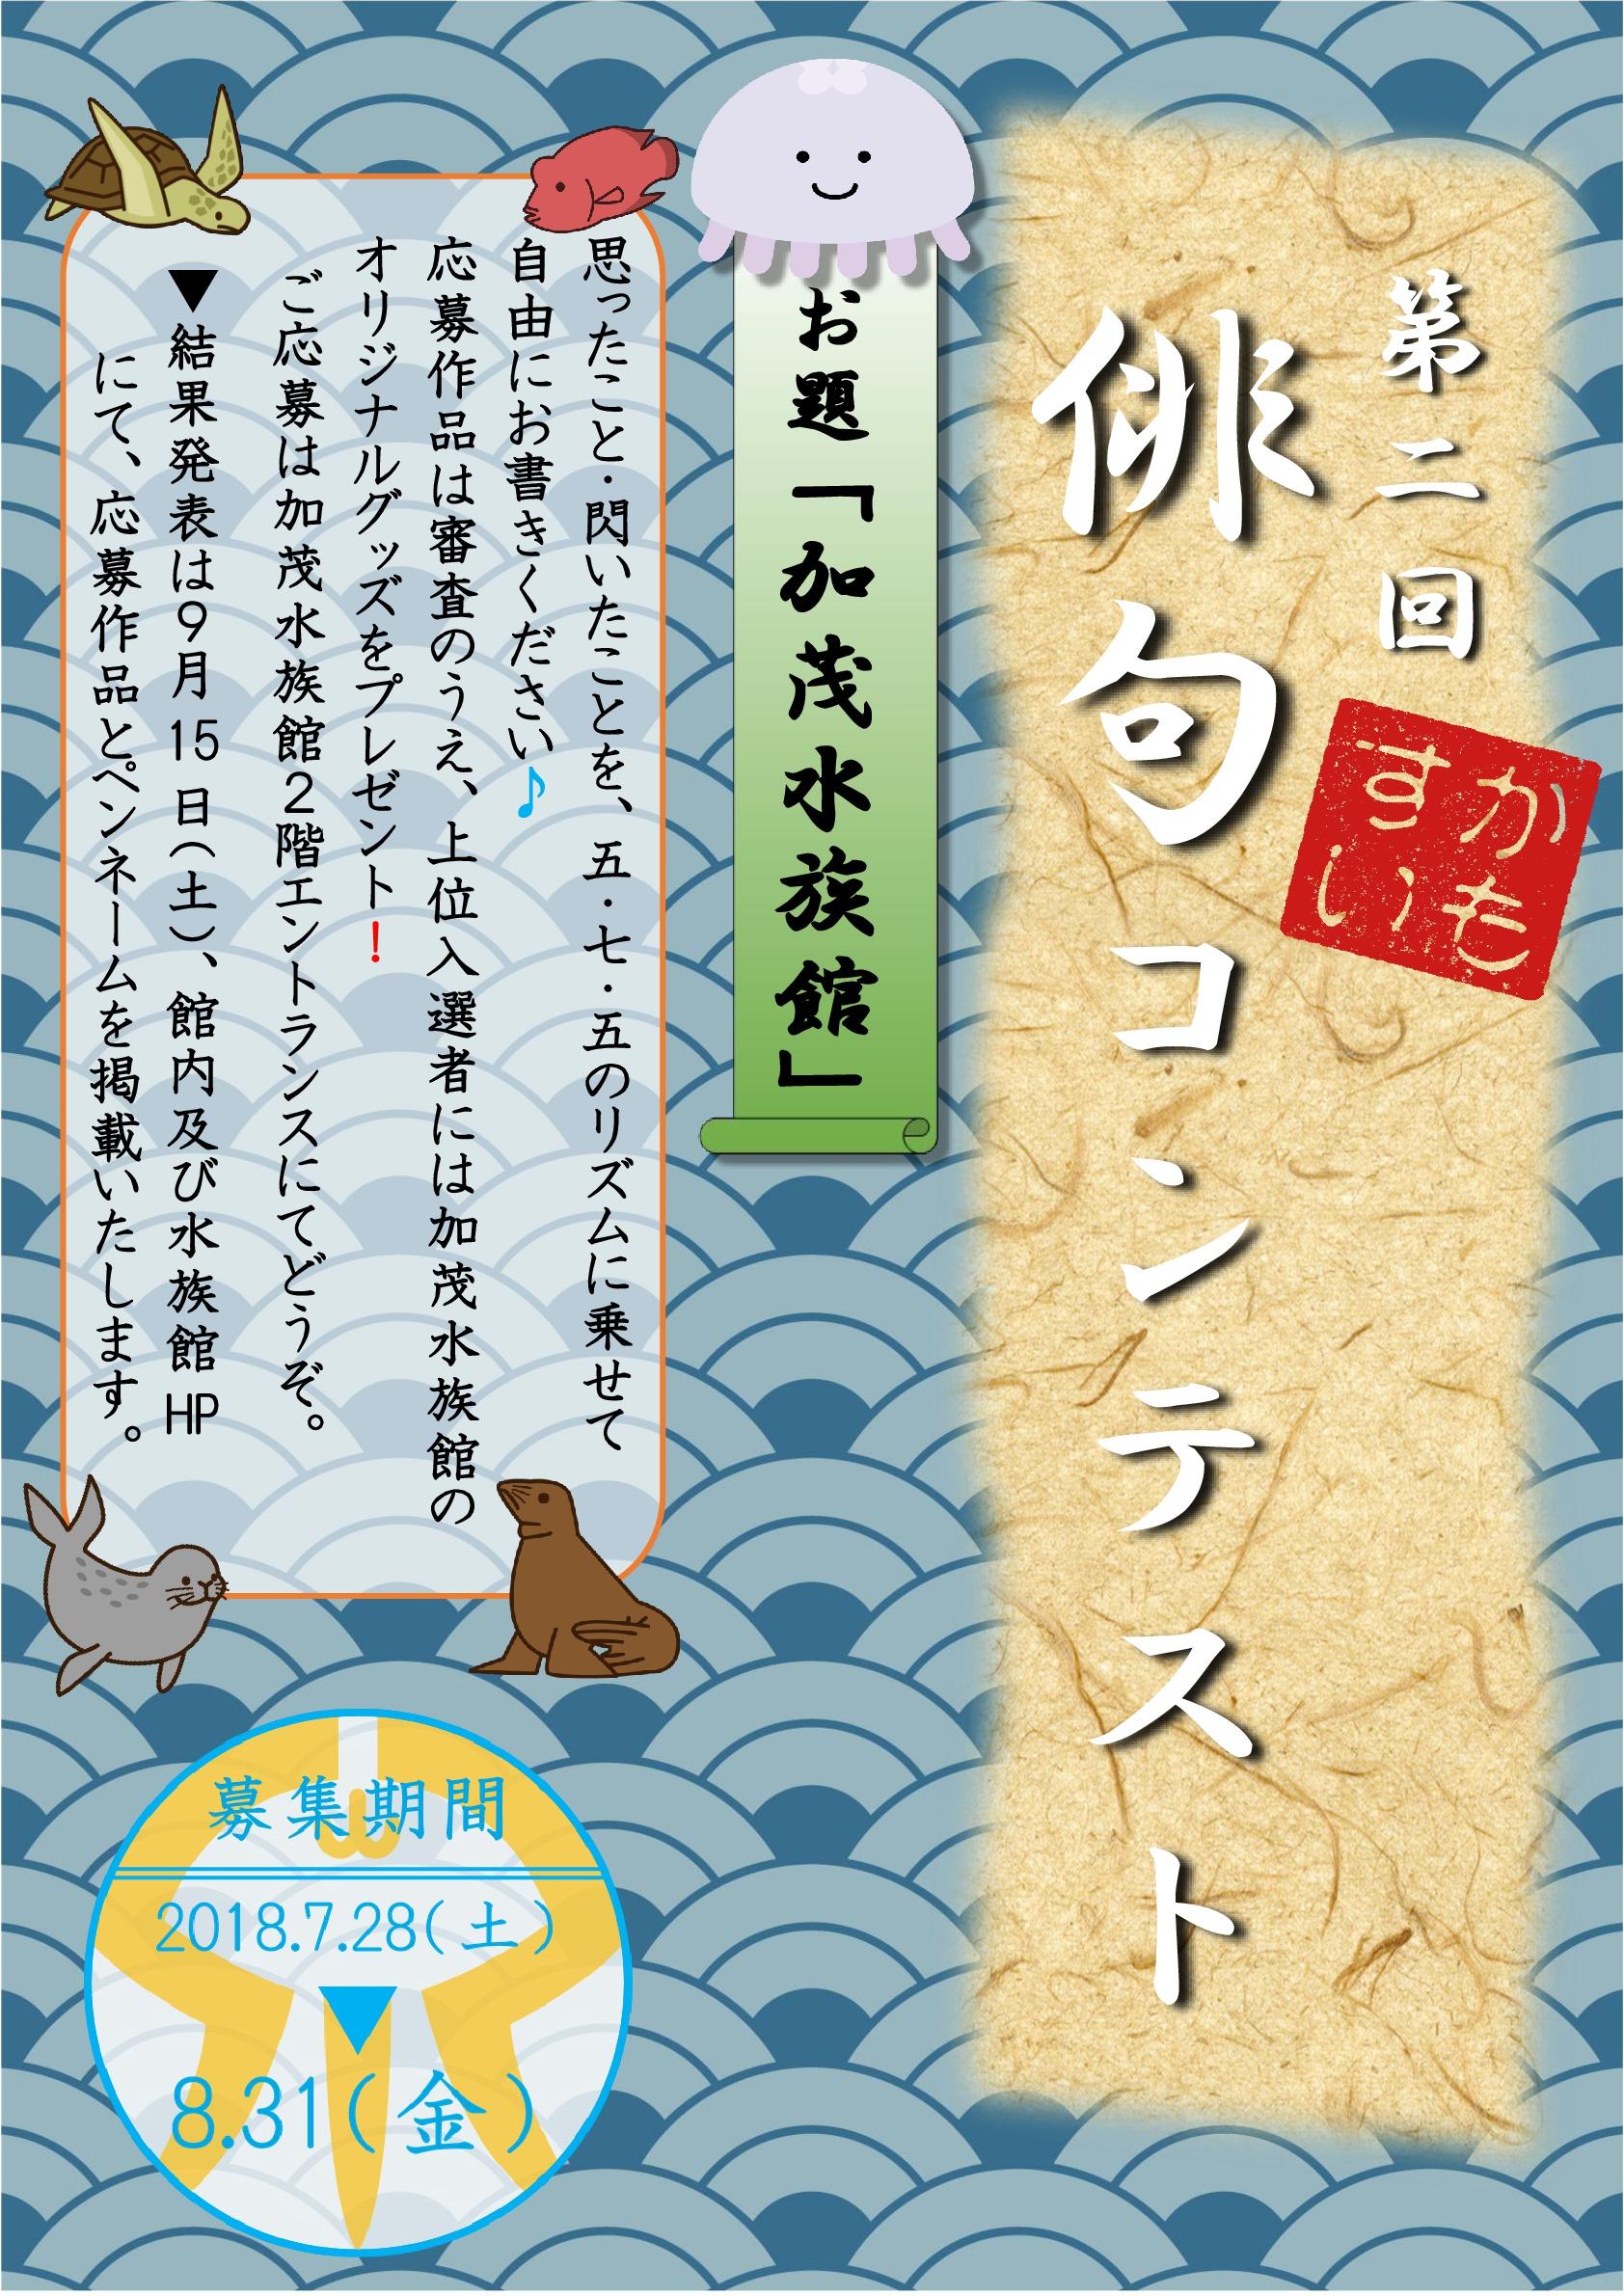 「かもすい 俳句コンテスト」開催